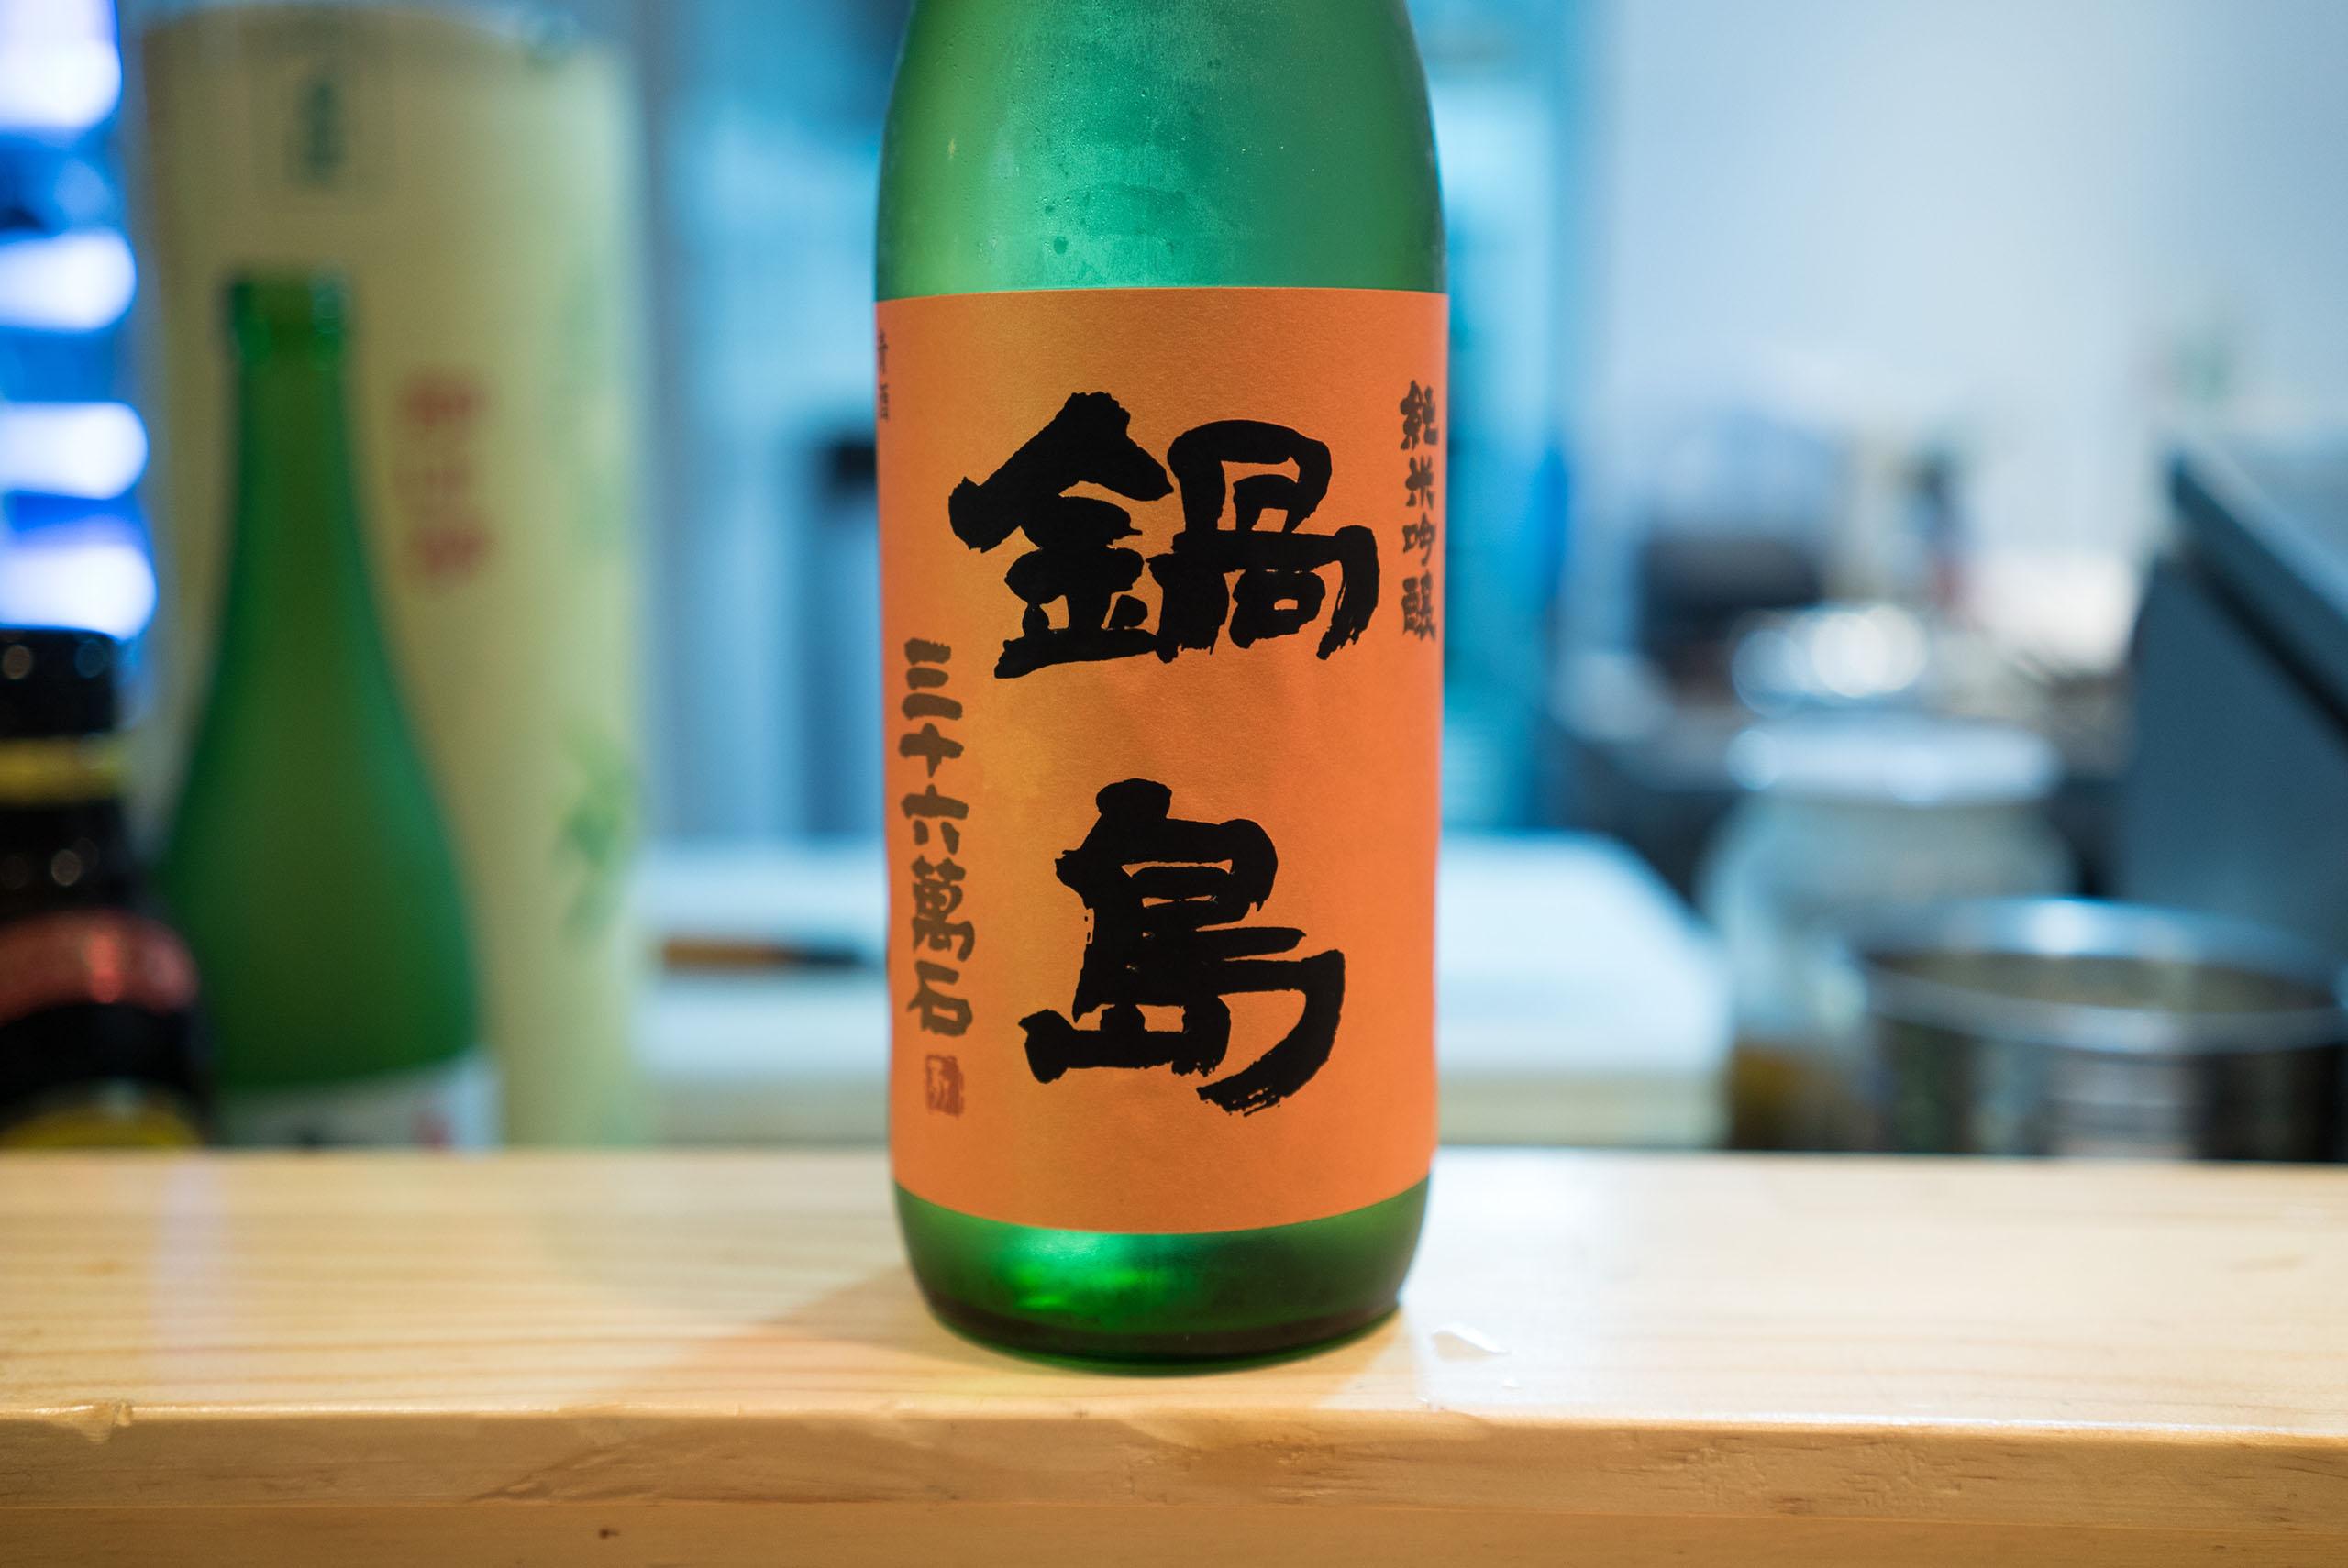 나베시마 쥰마이긴죠 고햐쿠만고쿠 나카쿠미무로카 나마자케 오렌지라벨